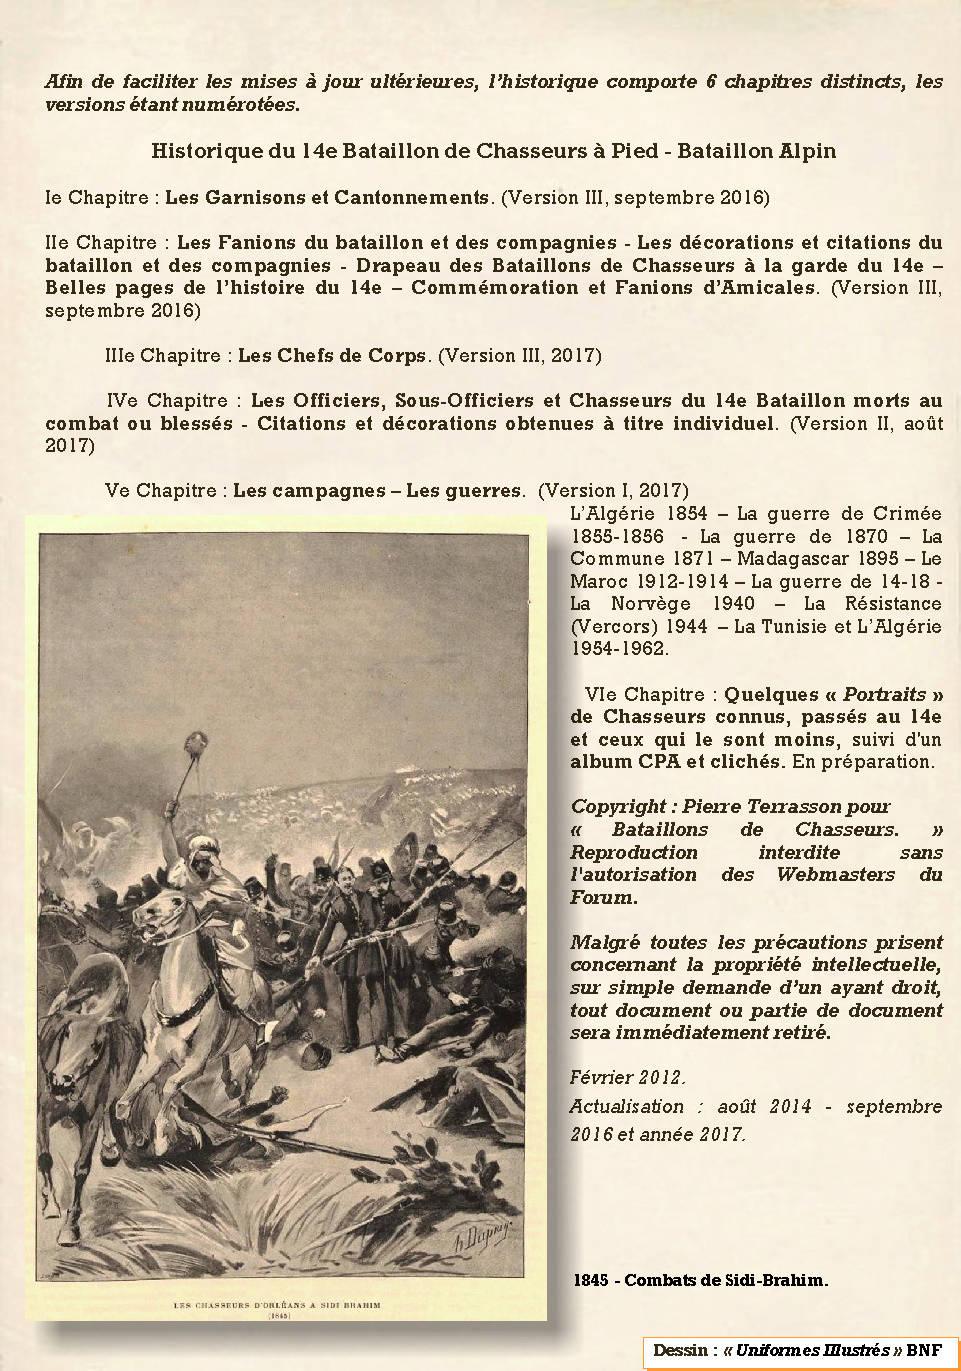 L'Historique du 14e Bataillon de Chasseurs. 1854 - 1962 Page_117